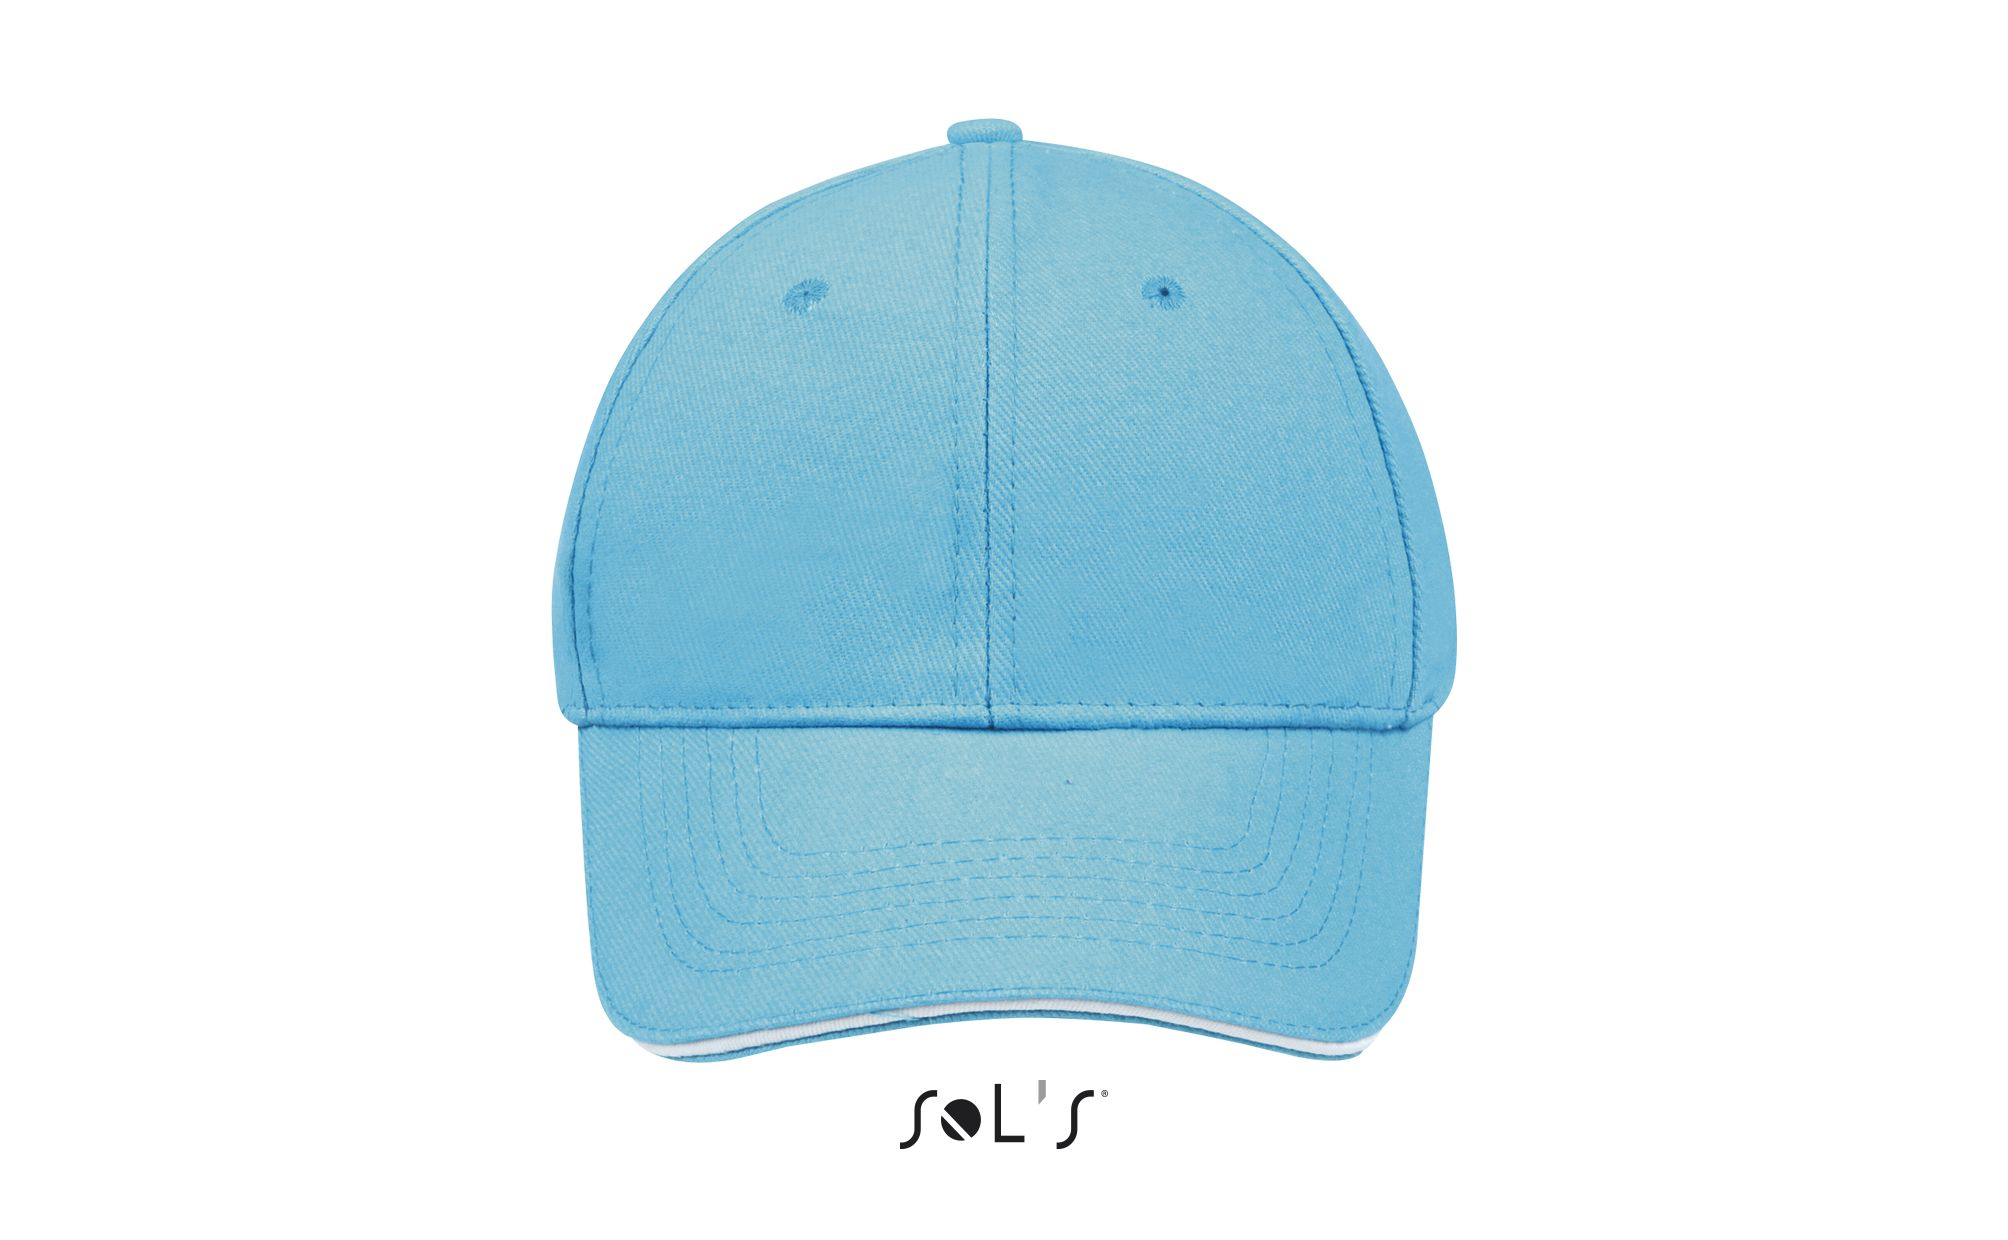 919 - Turquoise / White